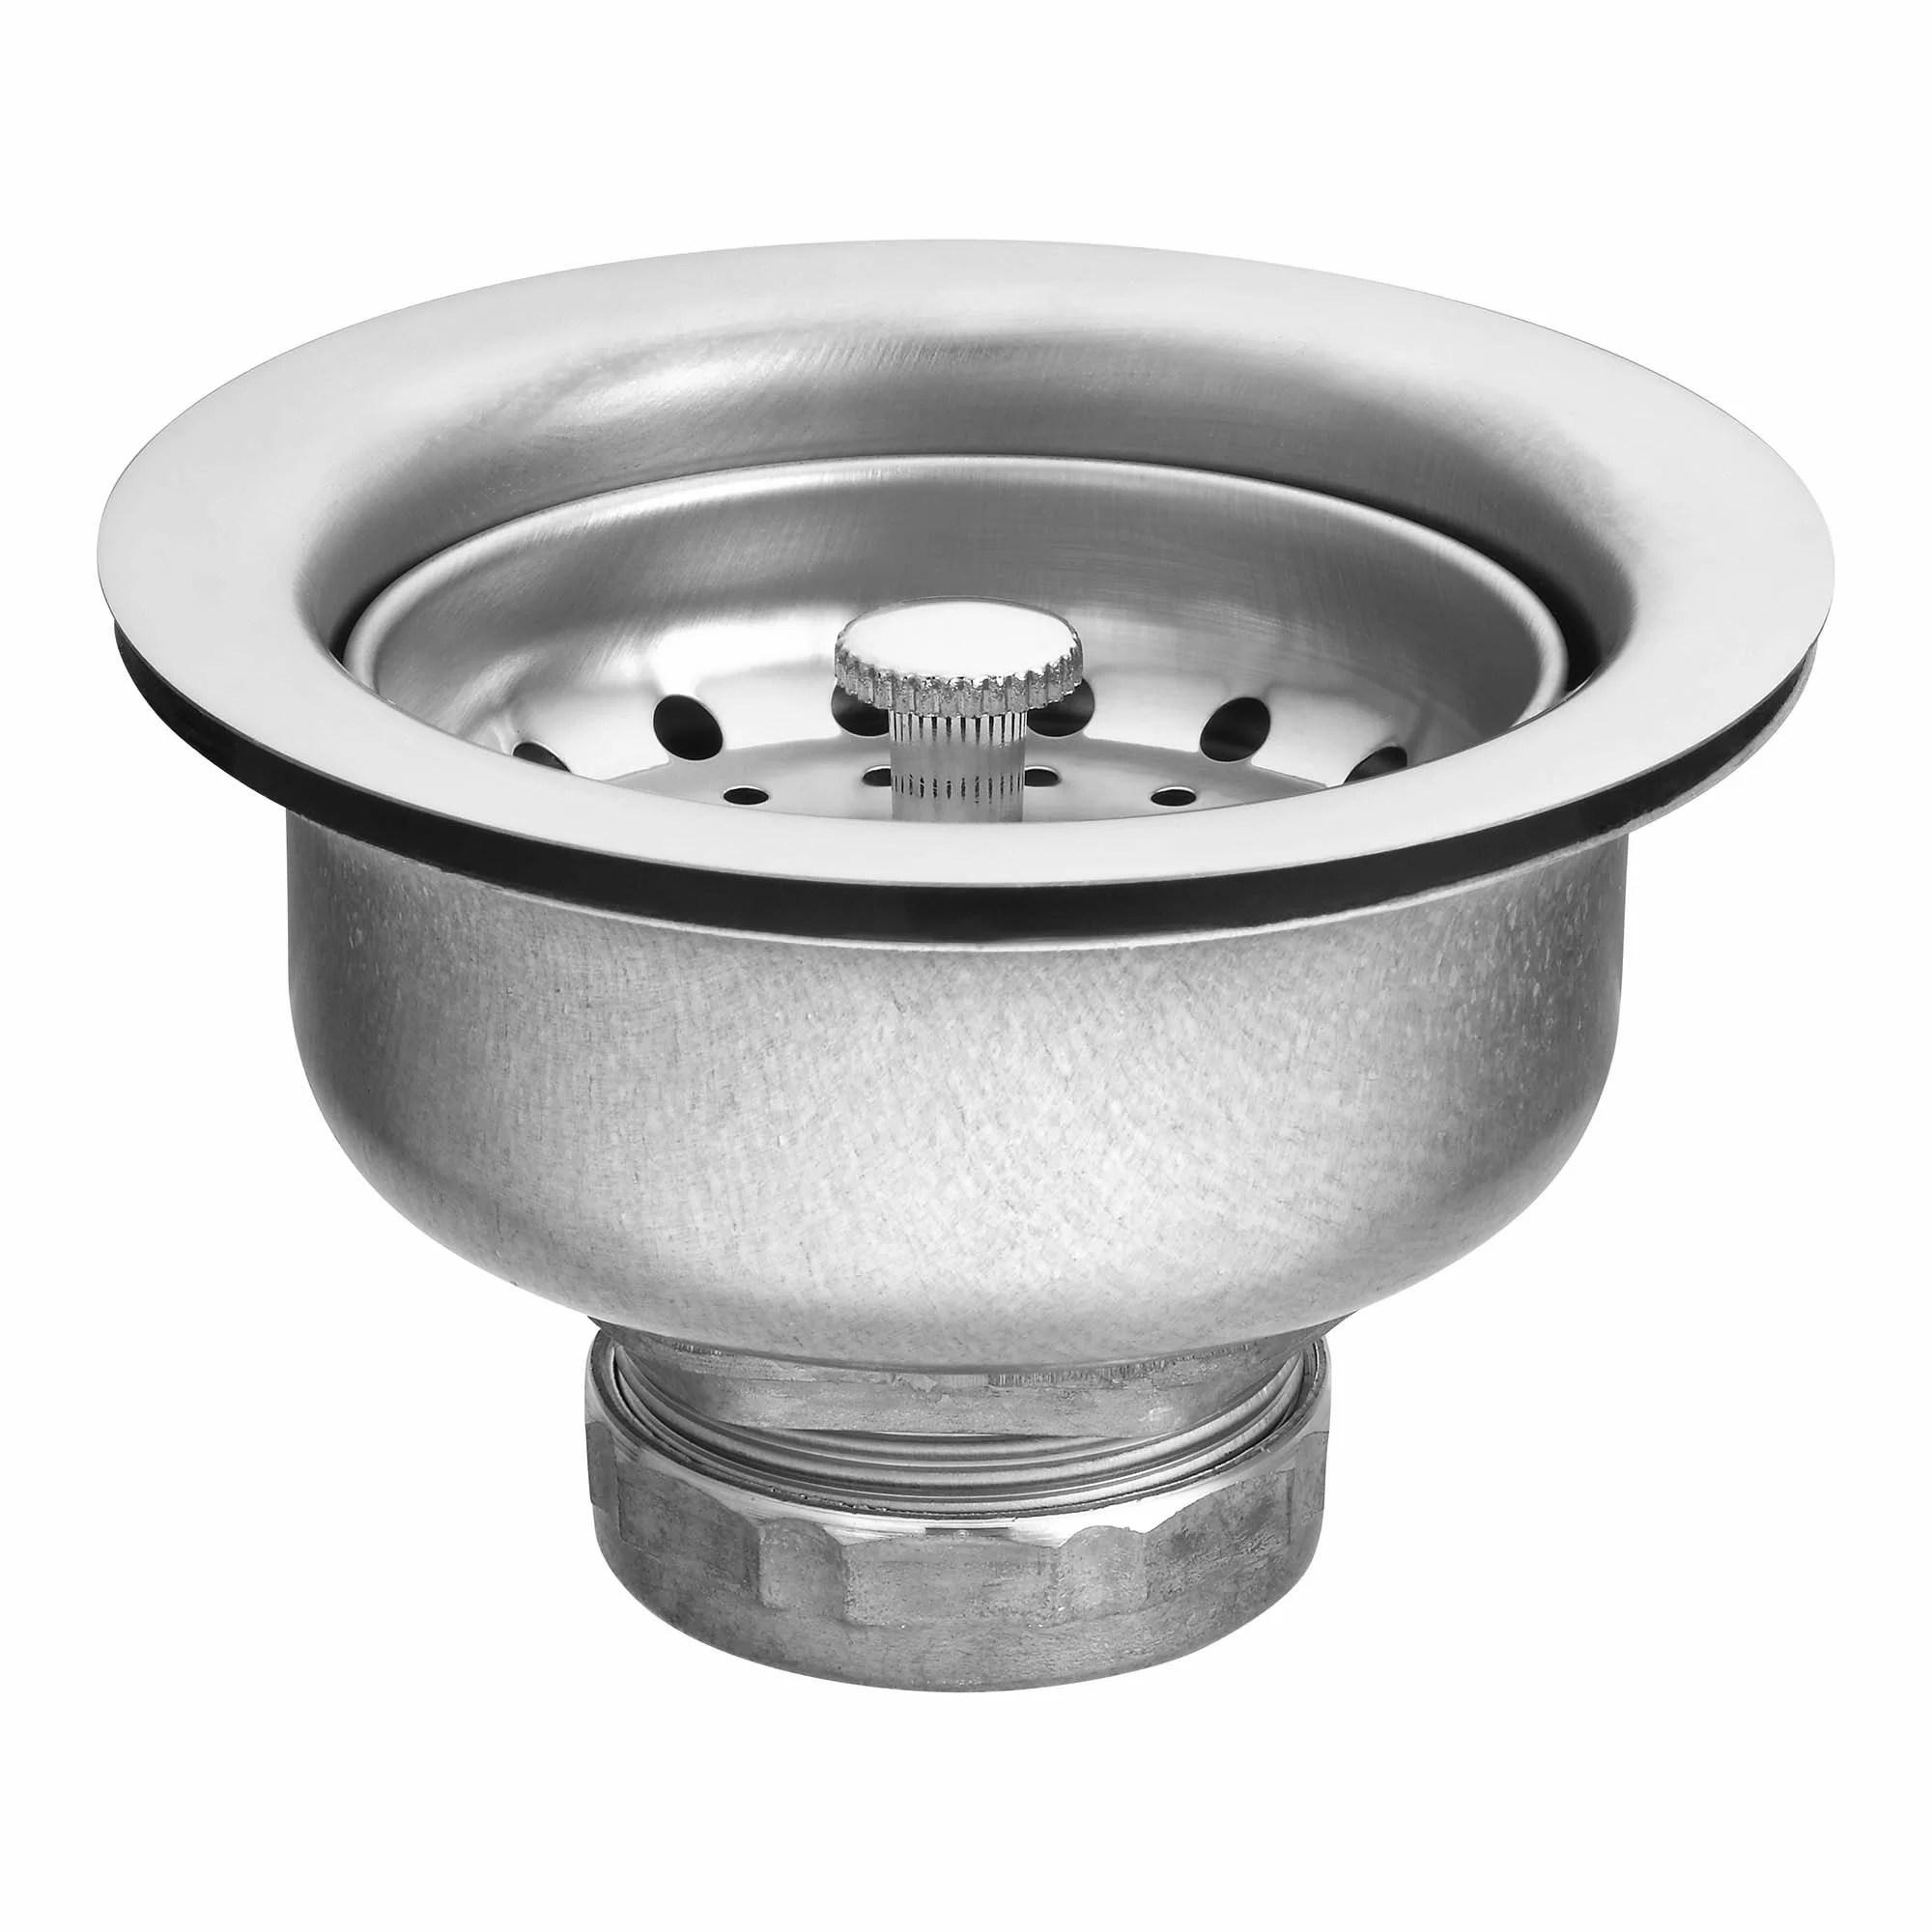 moen basket strainer kitchen sink drain